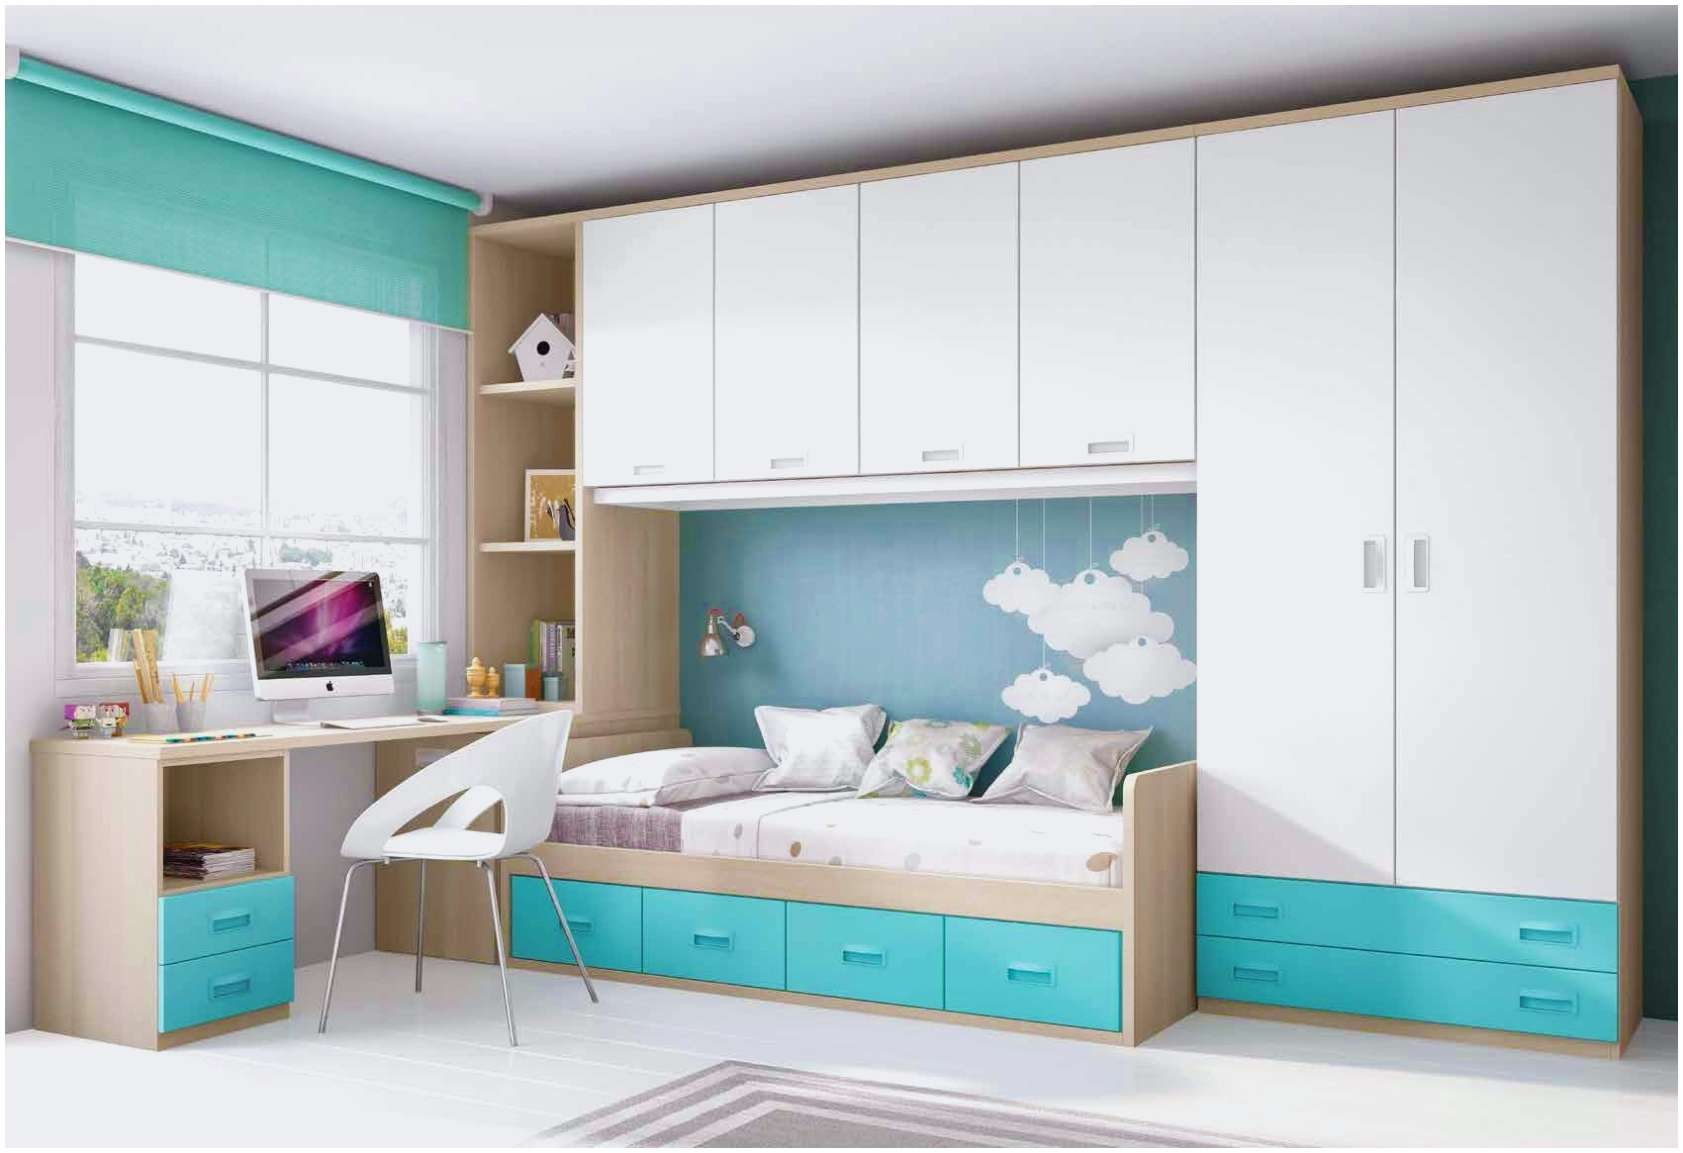 Lit Garçon Pas Cher Impressionnant Le Meilleur De Idée De Déco Chambre Luxury Lit Chambre Coucher